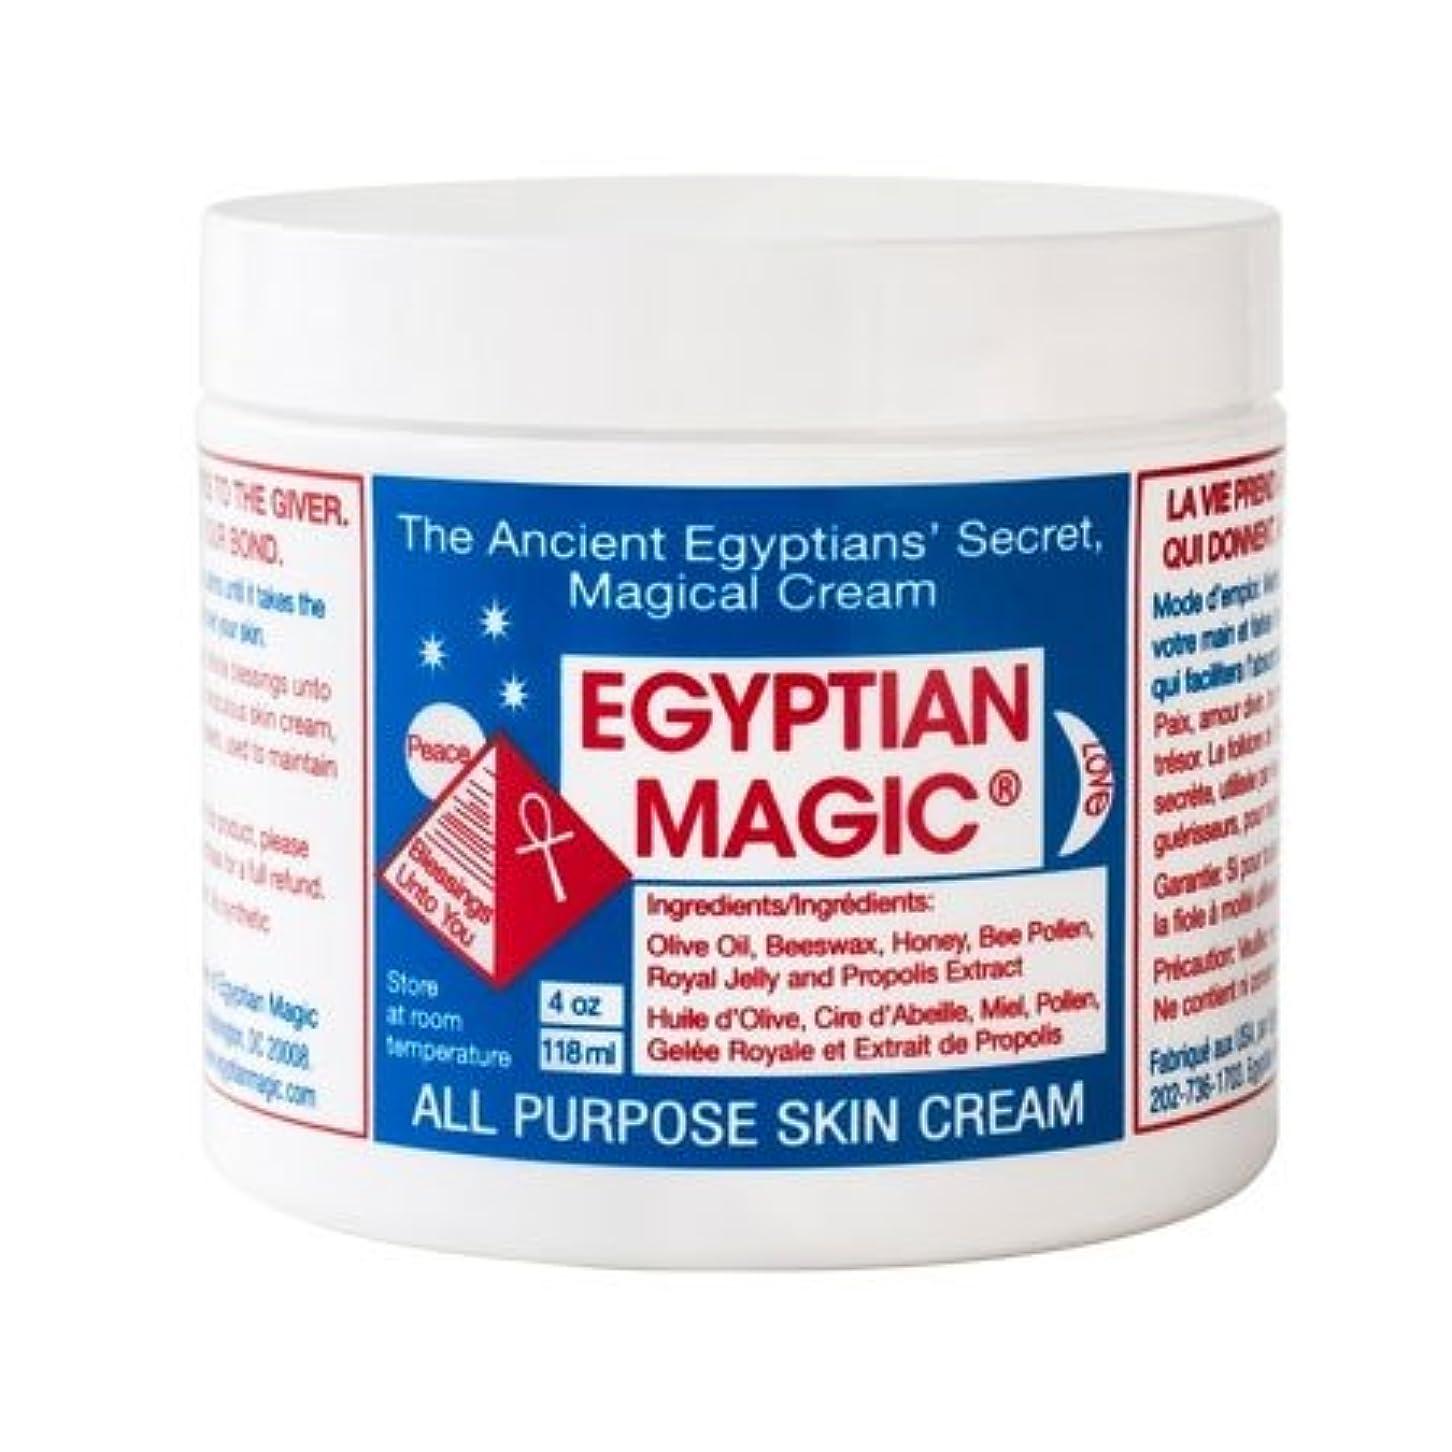 キルス兵士純粋なエジプシャンマジック エジプシャン マジック クリーム 118ml 海外仕様パッケージ